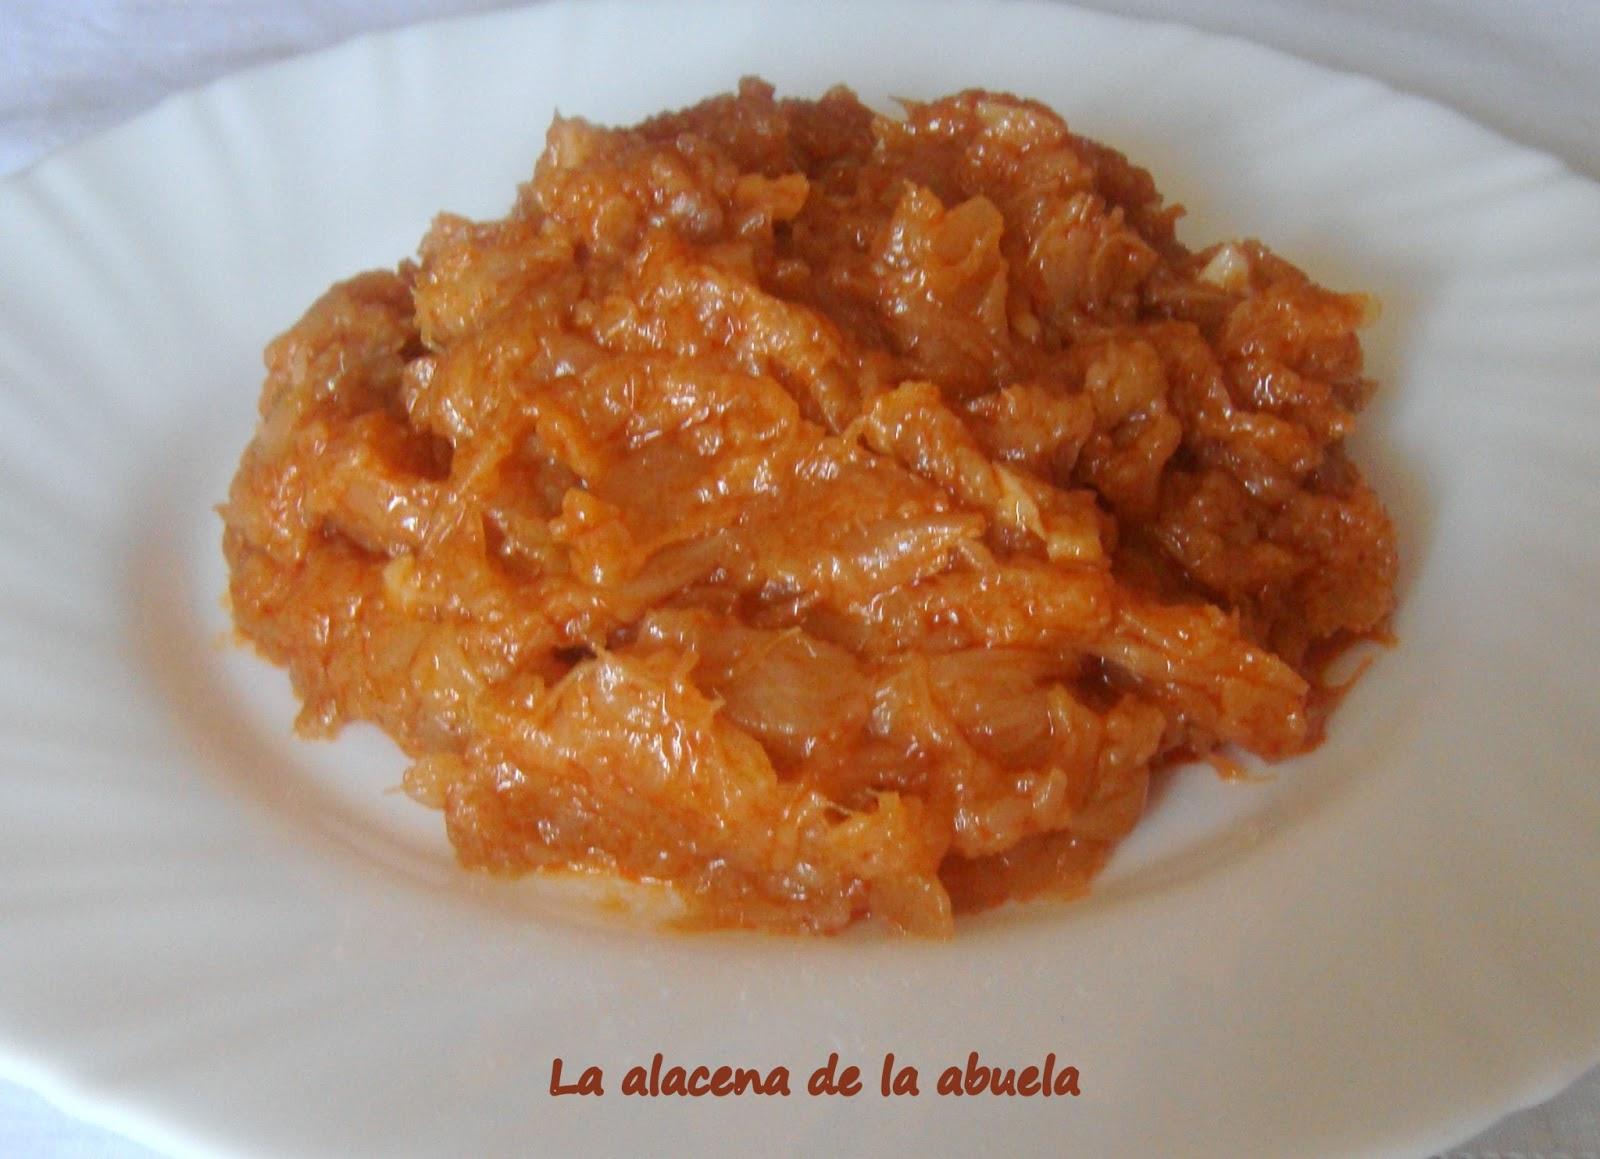 La alacena de la abuela carmen coles esparrag s for Cocina casera de la abuela